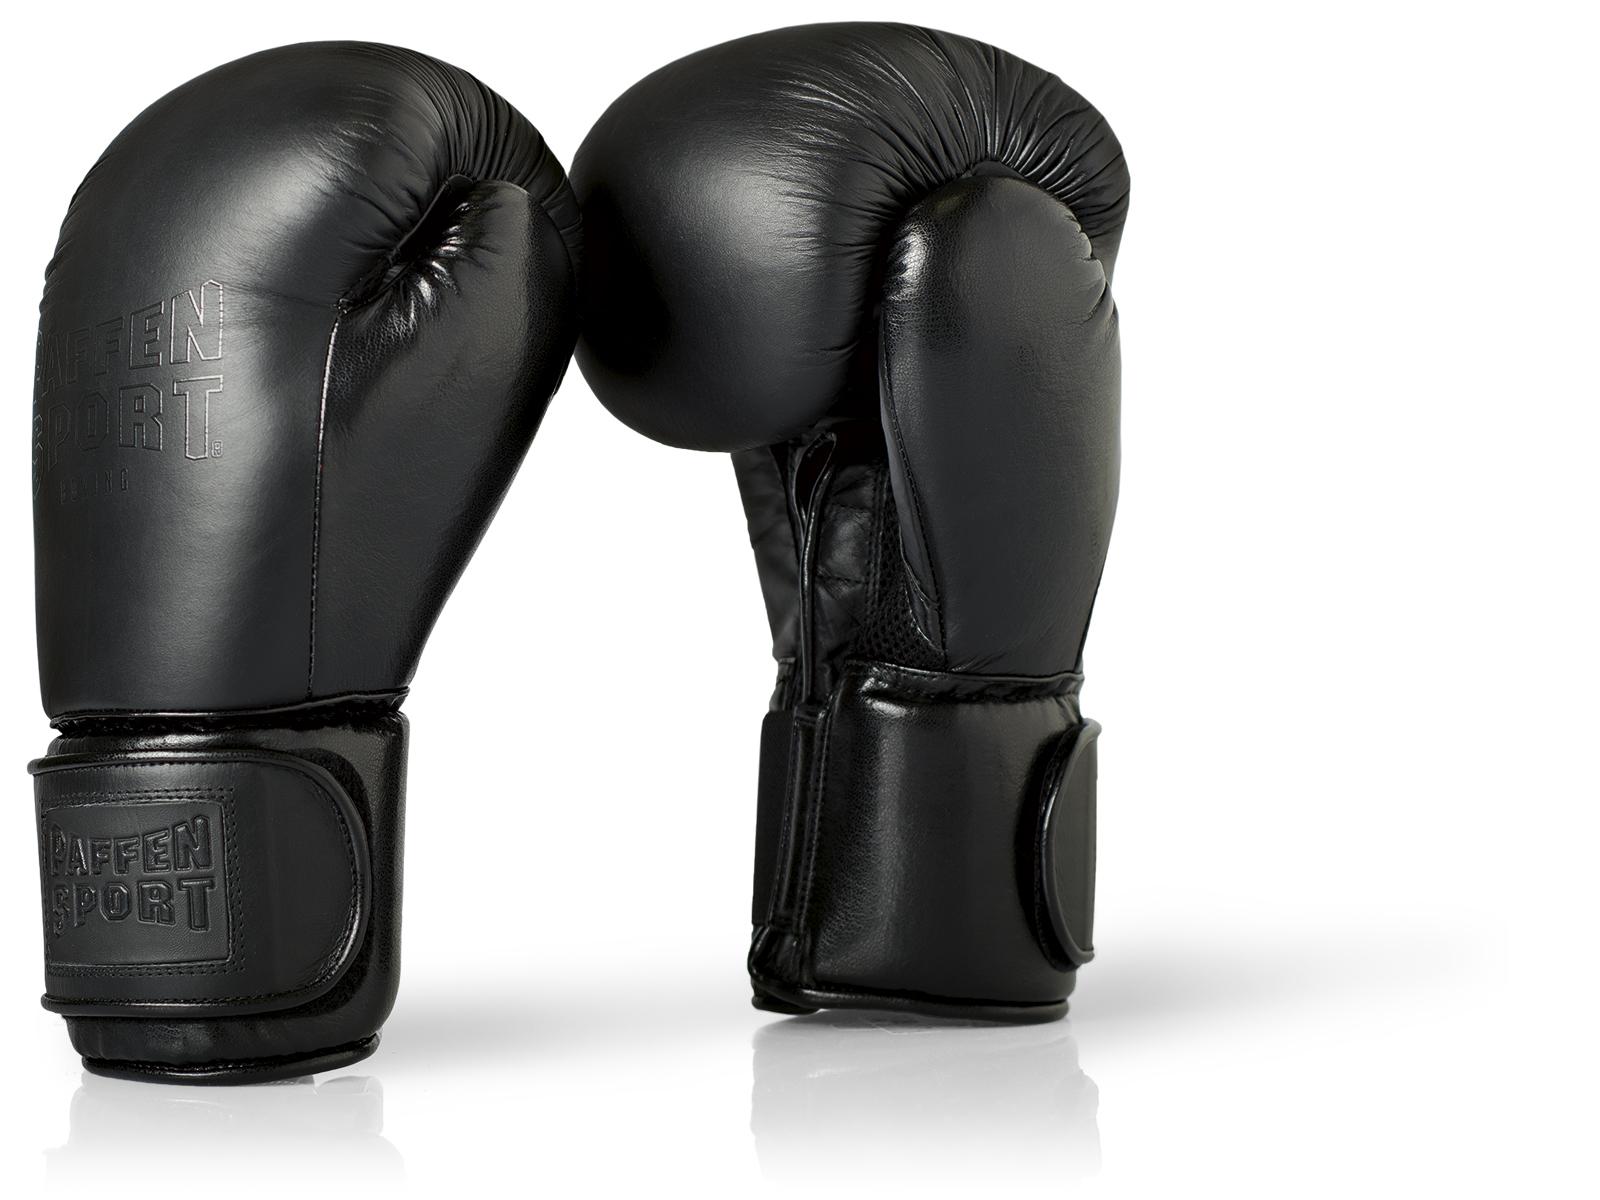 Спарринговые перчатки Paffen Sport